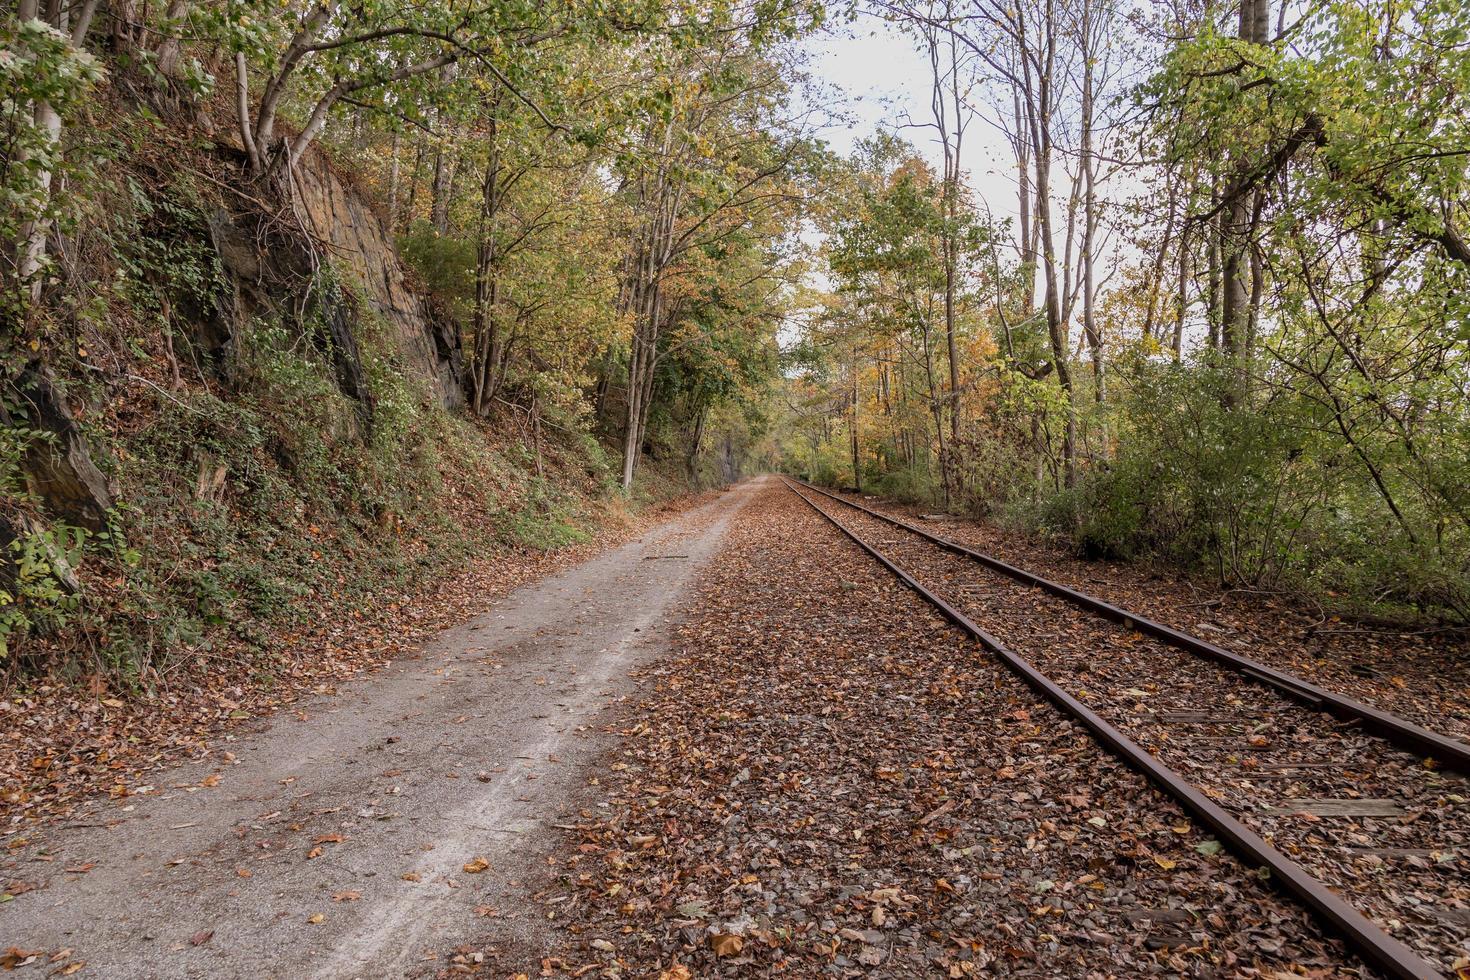 Railroad track in autumn photo